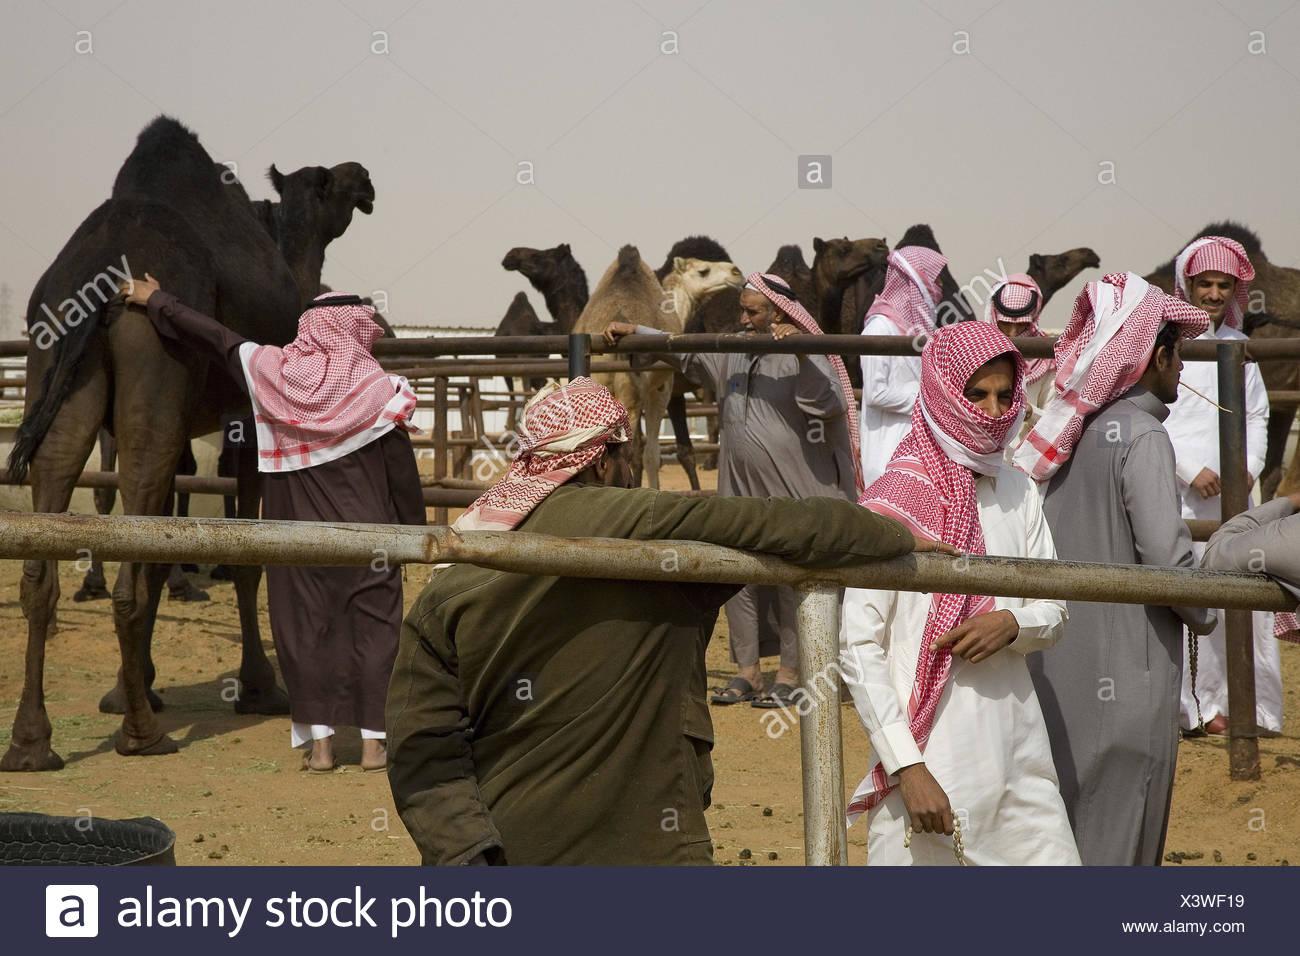 Arabia Saudita, provincia Riyadh, Riyadh, el mercado de camellos, Imagen De Stock